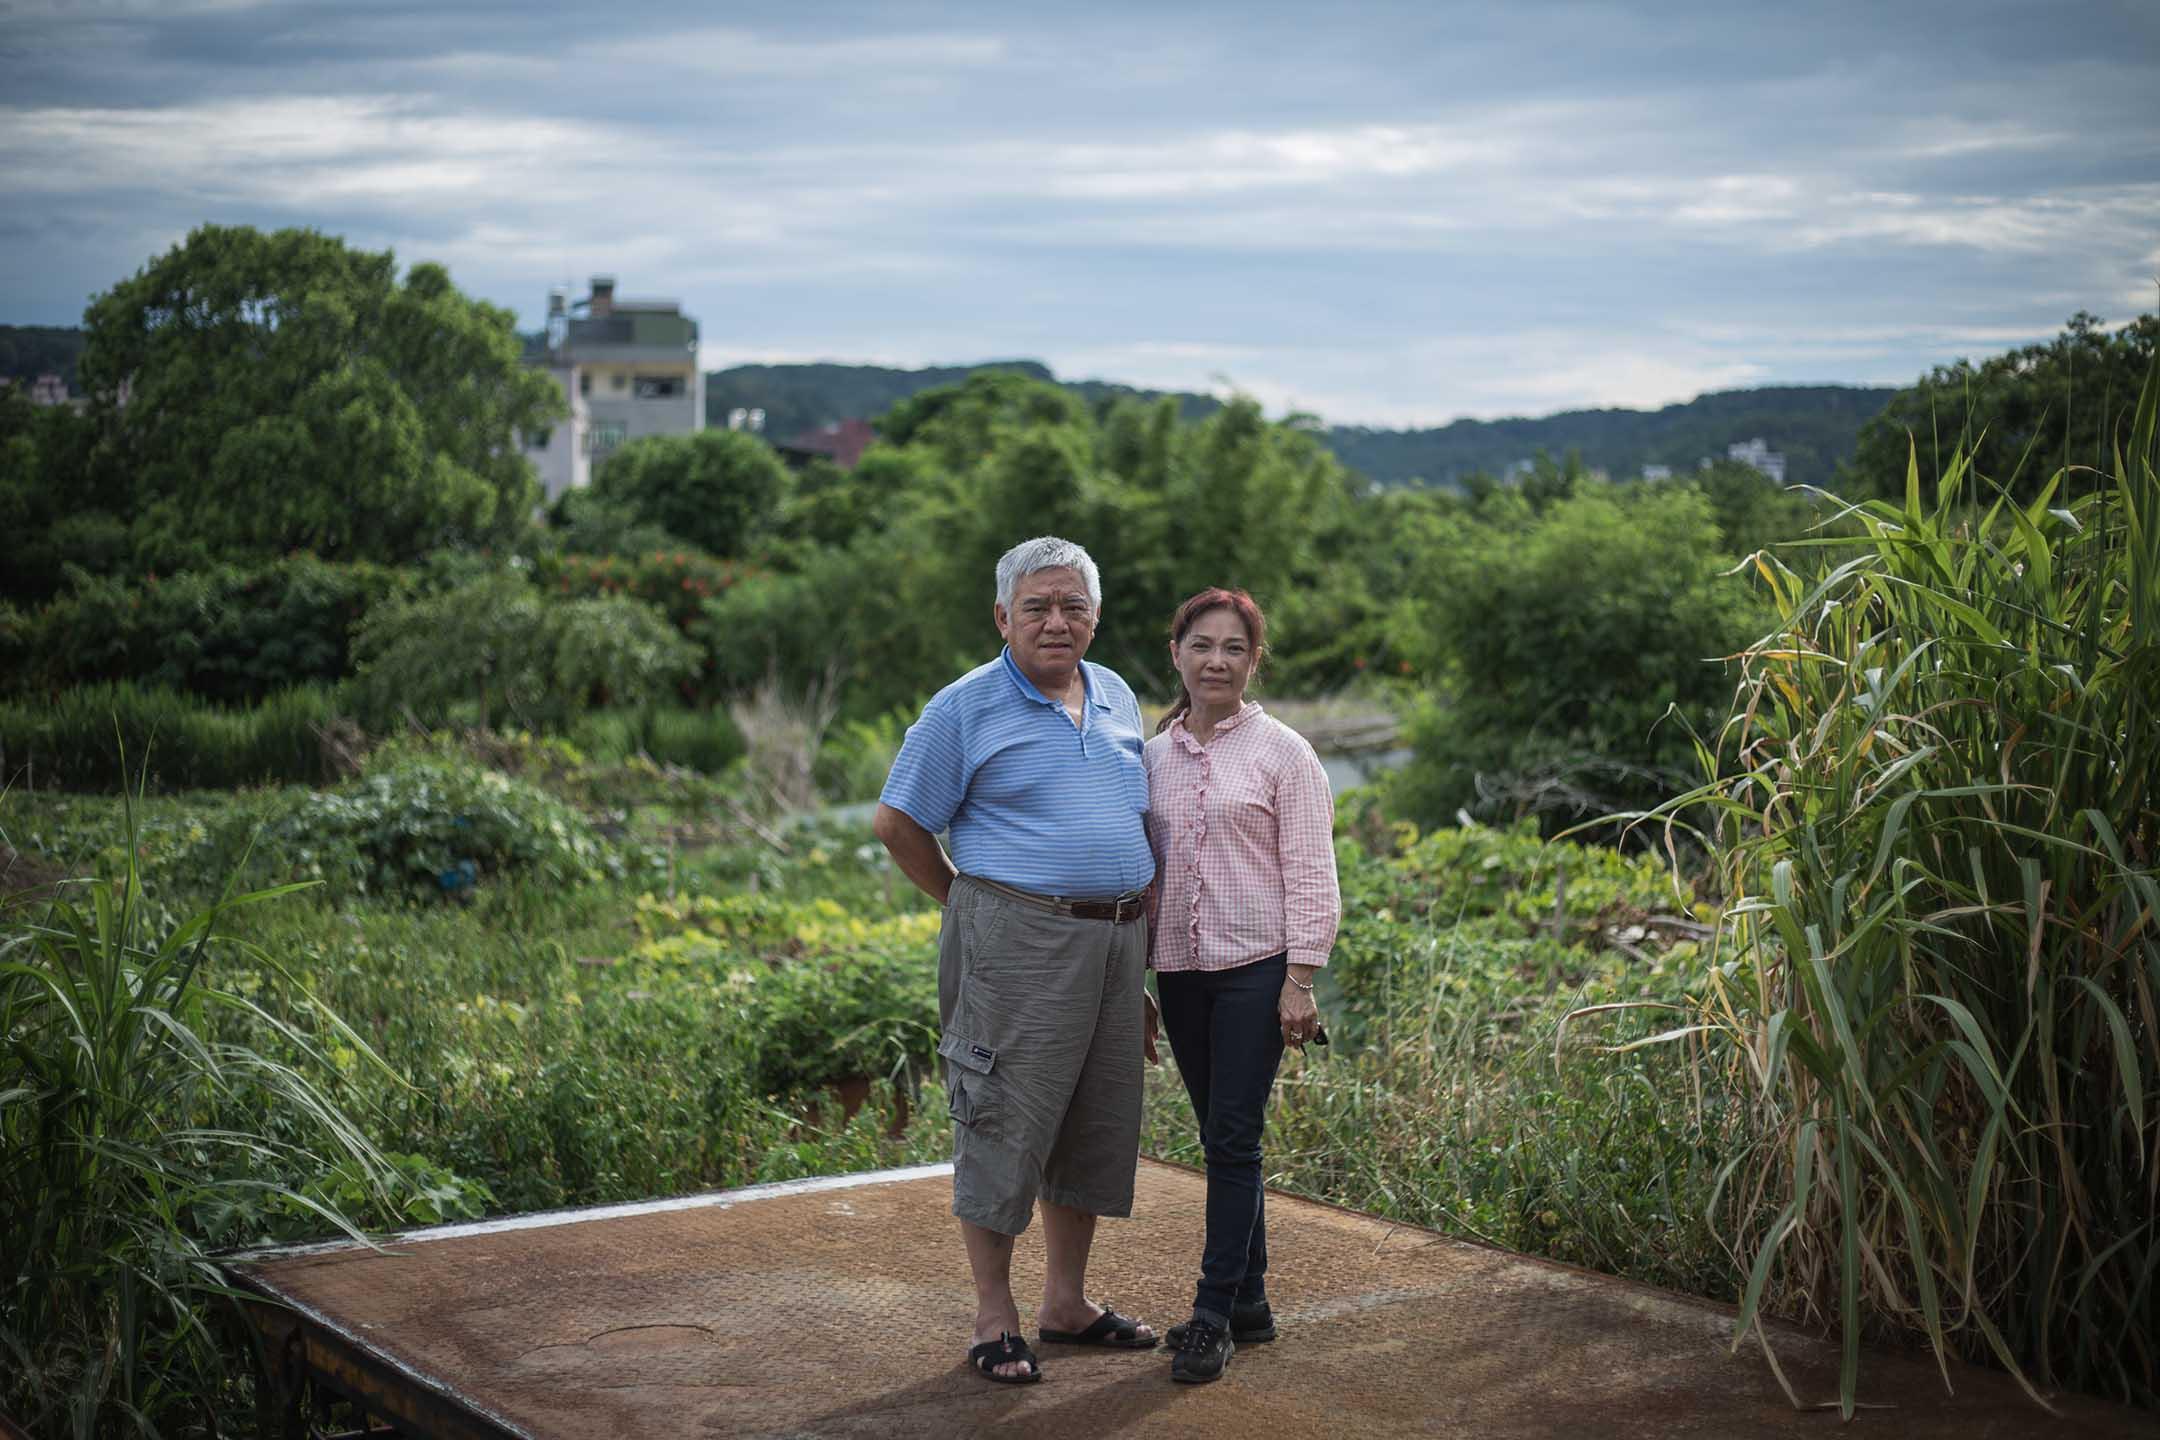 傅春雄和妻子魏鈴琦,是鎮上少數對這塊空地的前世今生瞭若指掌的人。 攝:陳焯煇/端傳媒